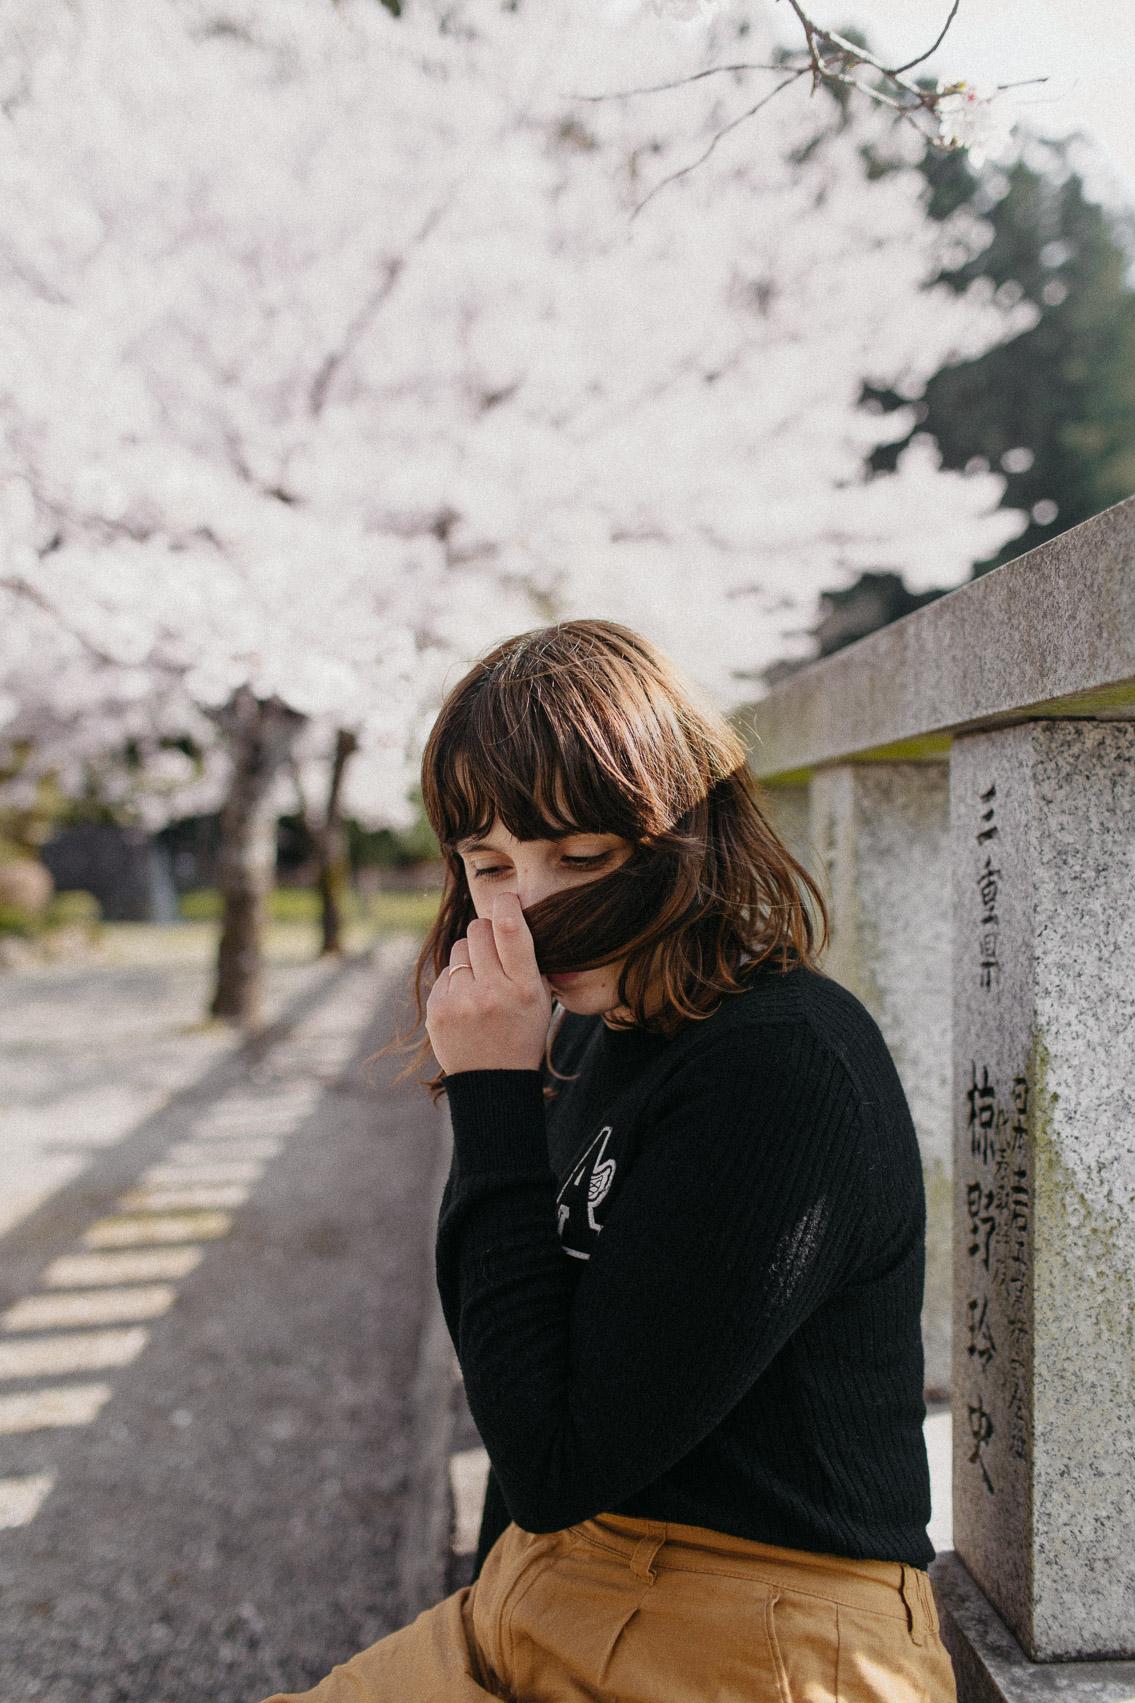 Hongu Taisha Otorii sakura - The cat, you and us